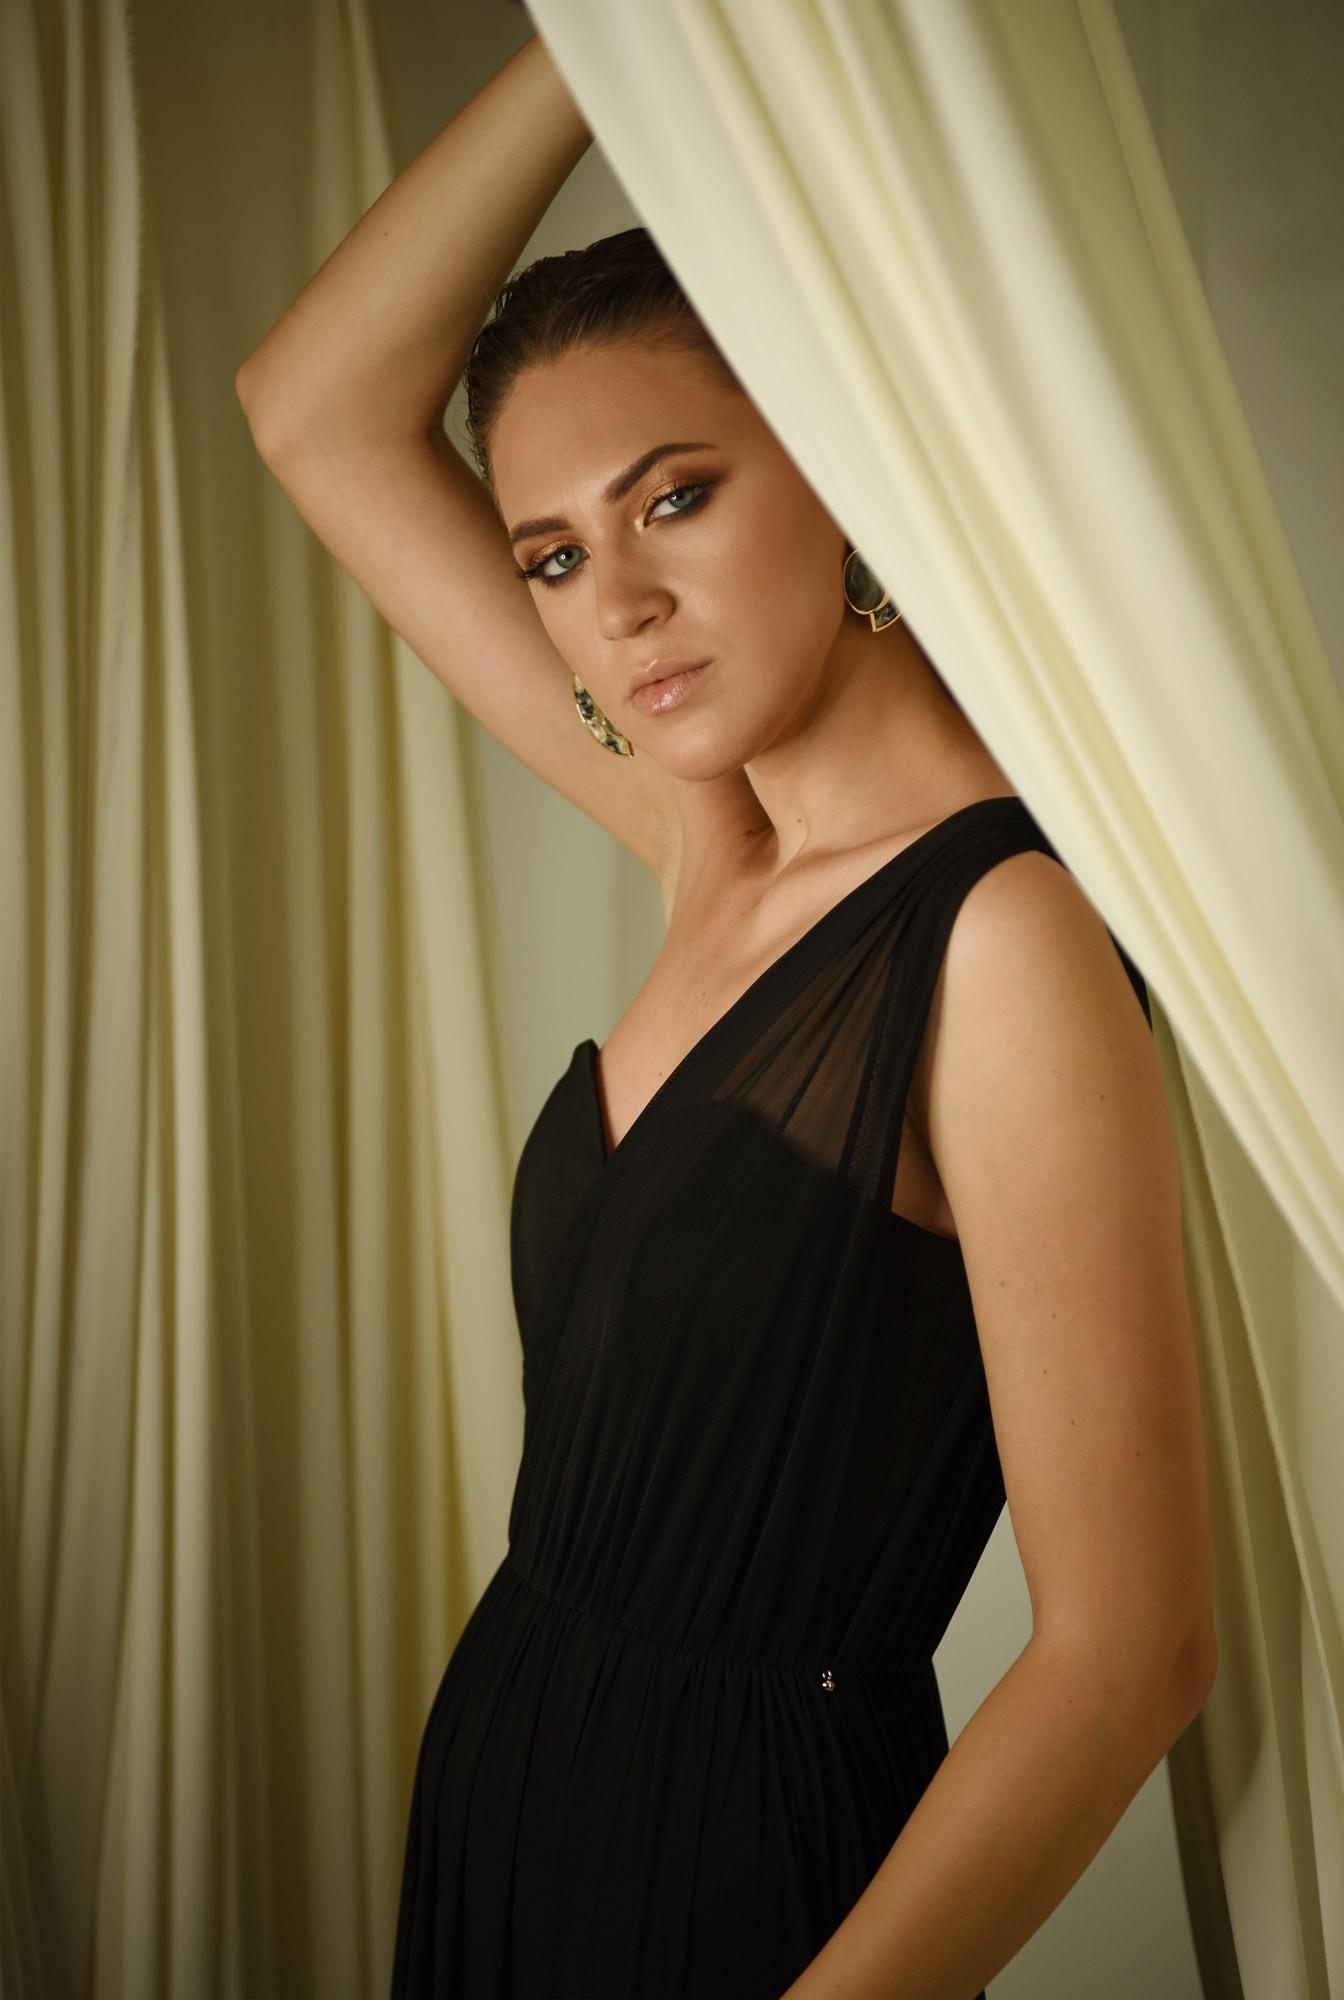 rochie eleganta, decolteu inima, croi evazat, fusta transparenta